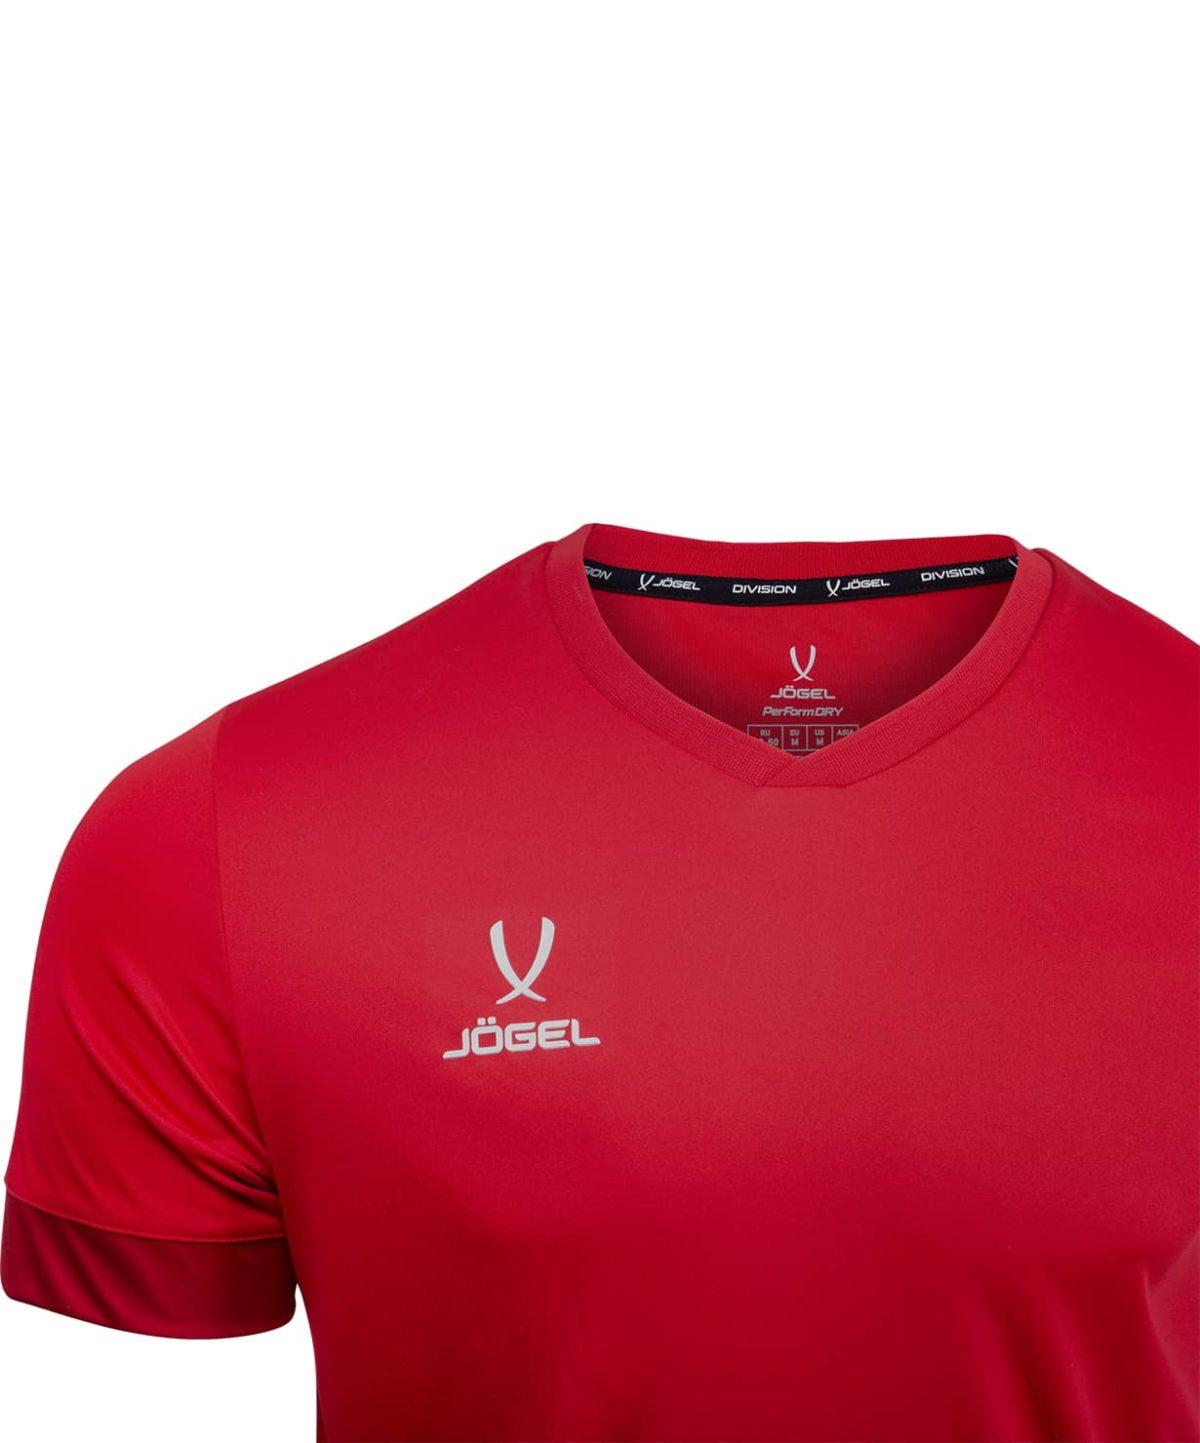 JOGEL DIVISION футболка футбольная Union Jersey: т.красный/белый - 3